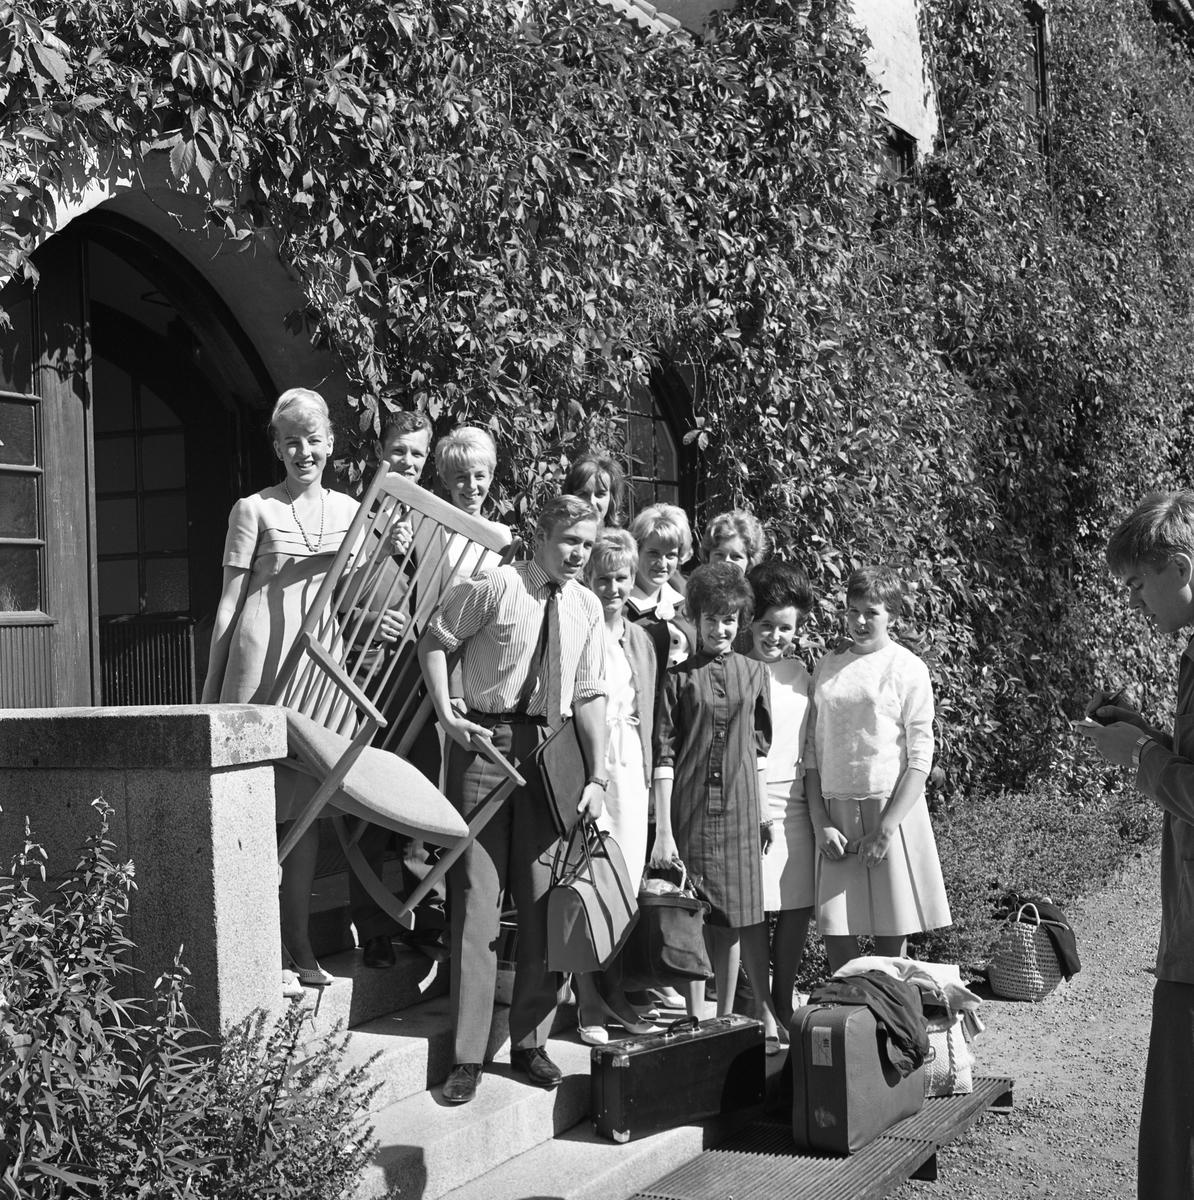 Elever vid Fellingsbro folkhögskola Nio unga kvinnor och två män står på en trappa utanför en port. Väggen är täckt av vildvin. De bär på en karmstol. Två resväskor och annat bagage står på grusgången. En man tittar i en anteckningsbok.